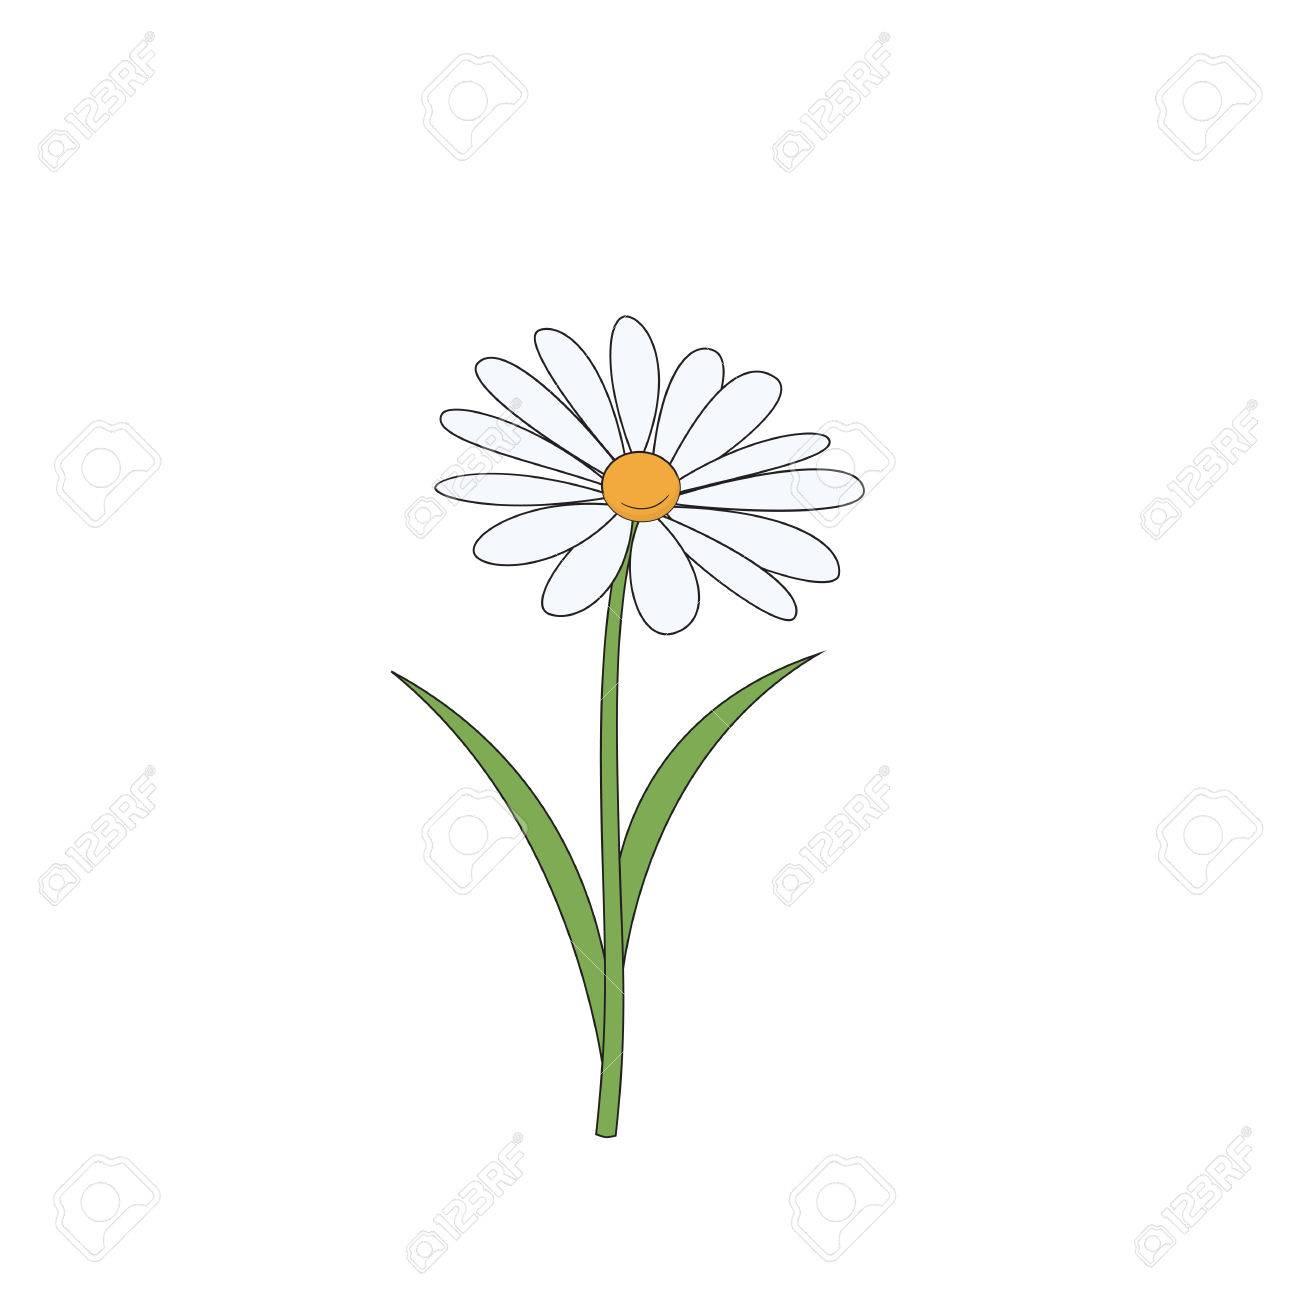 Cartoon daisy simple flower on white background vector cartoon daisy simple flower on white background vector illustration stock vector 76081580 izmirmasajfo